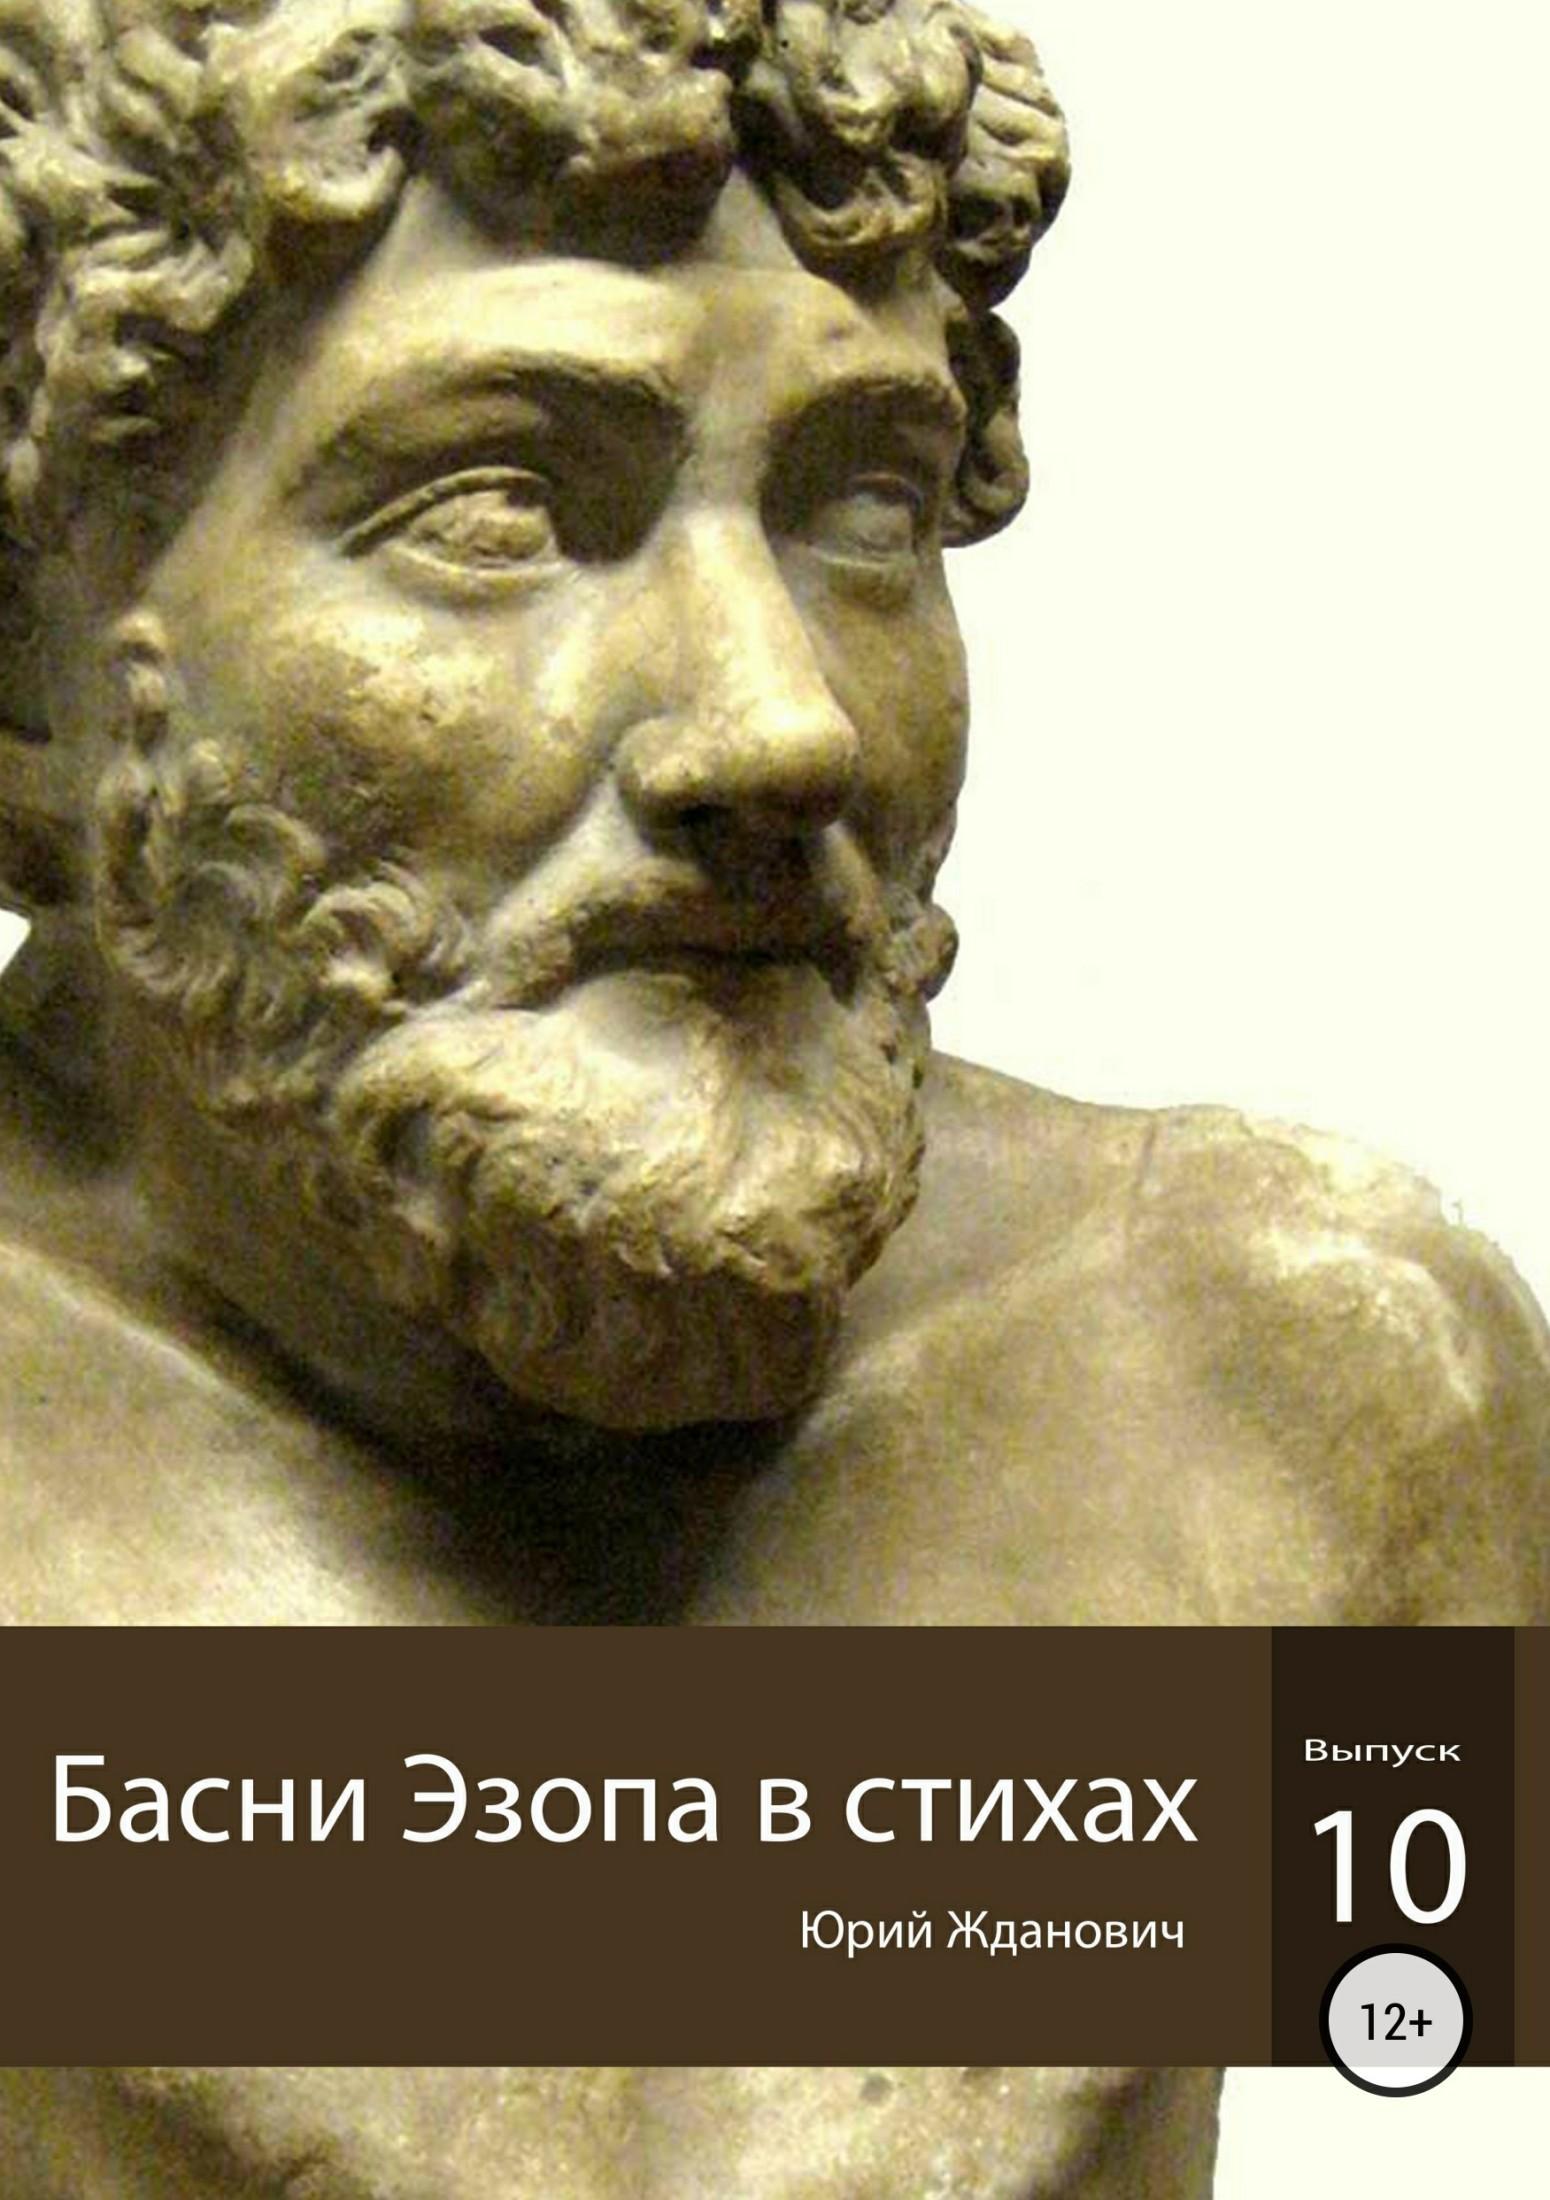 Басни Эзопа в стихах. Выпуск 10